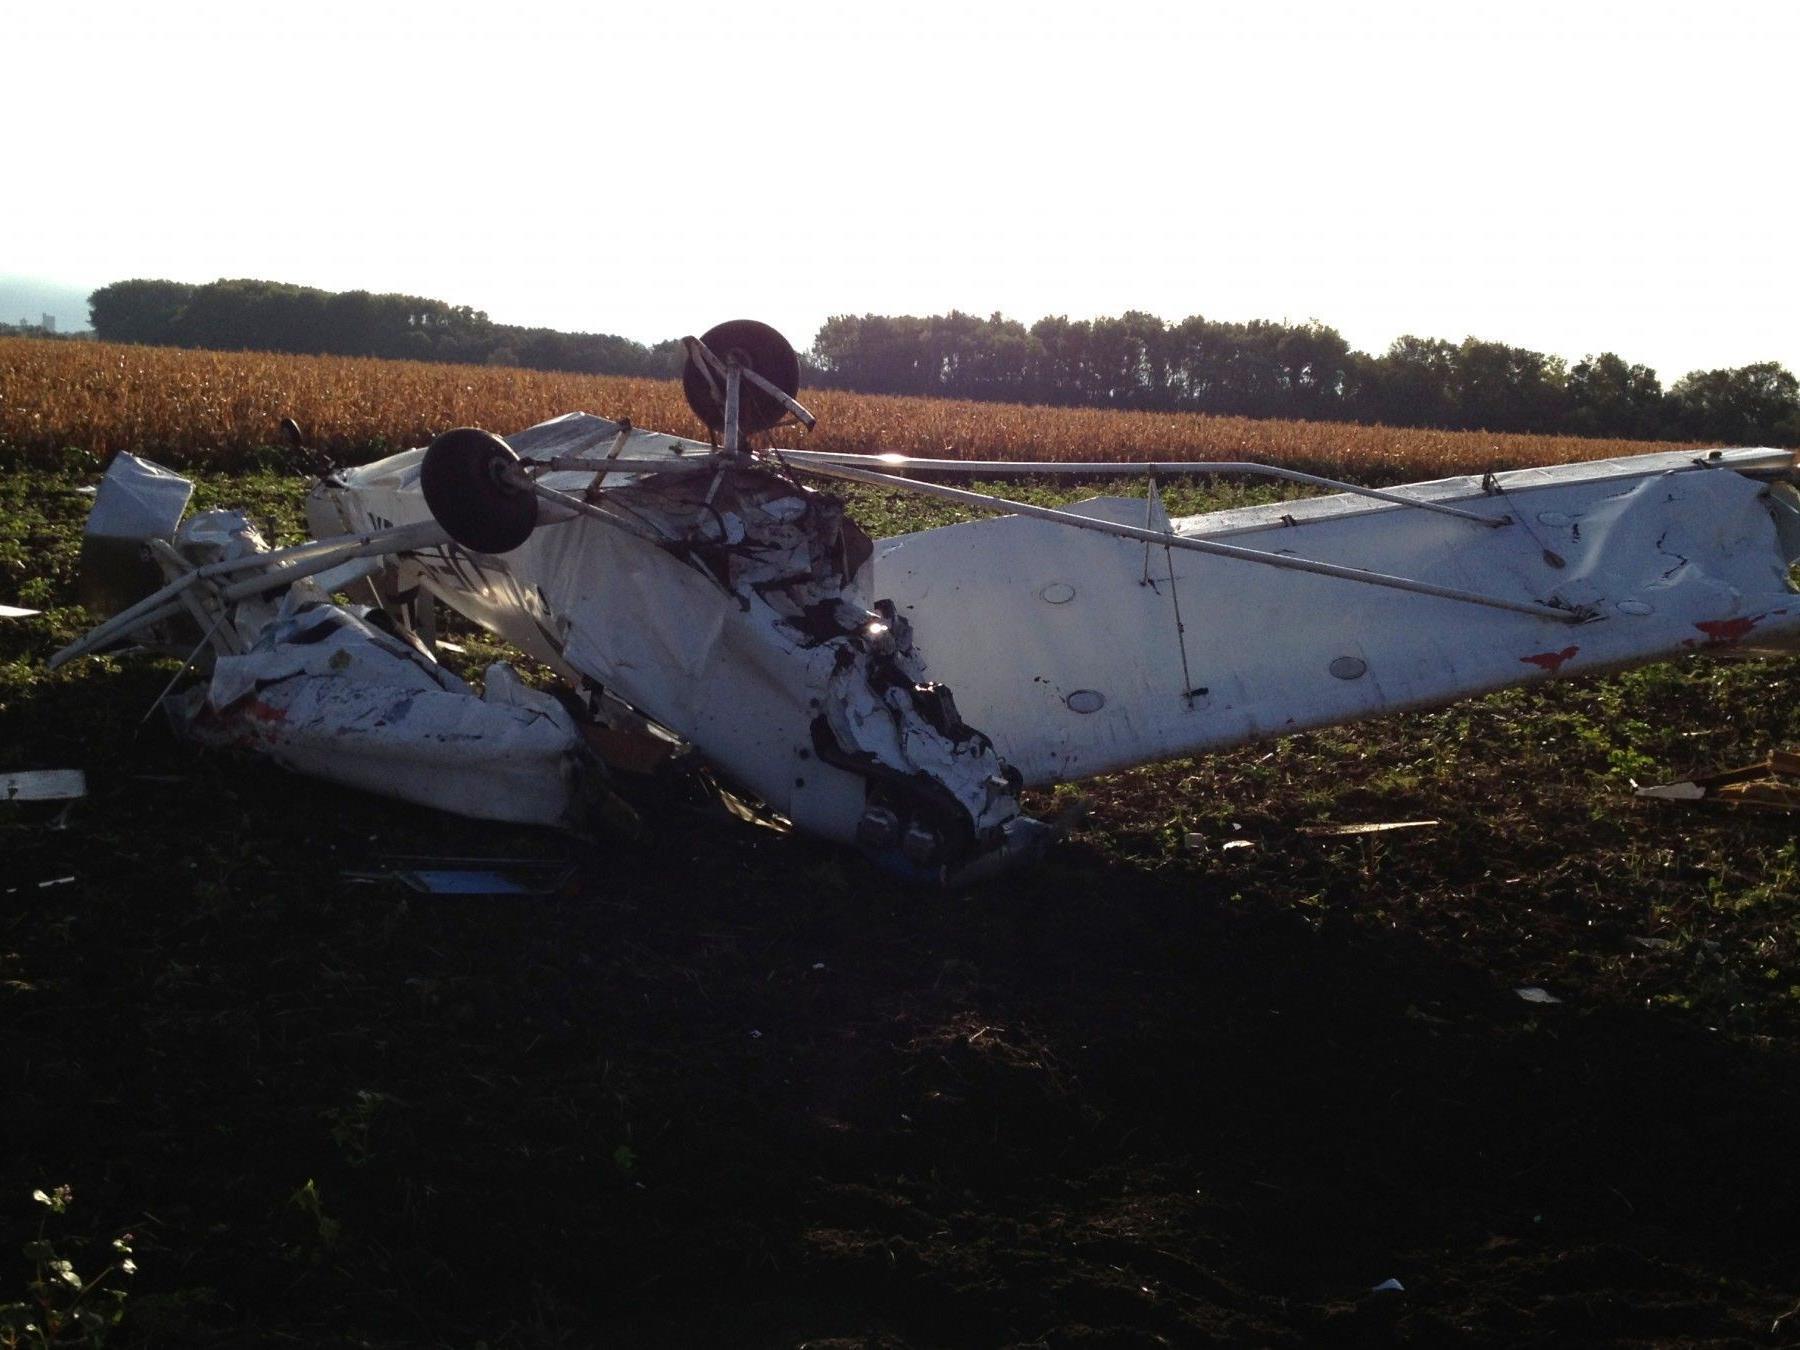 Bei einem Kleinflugzeugabsturz im Burgenland wurde eine Person verletzt.